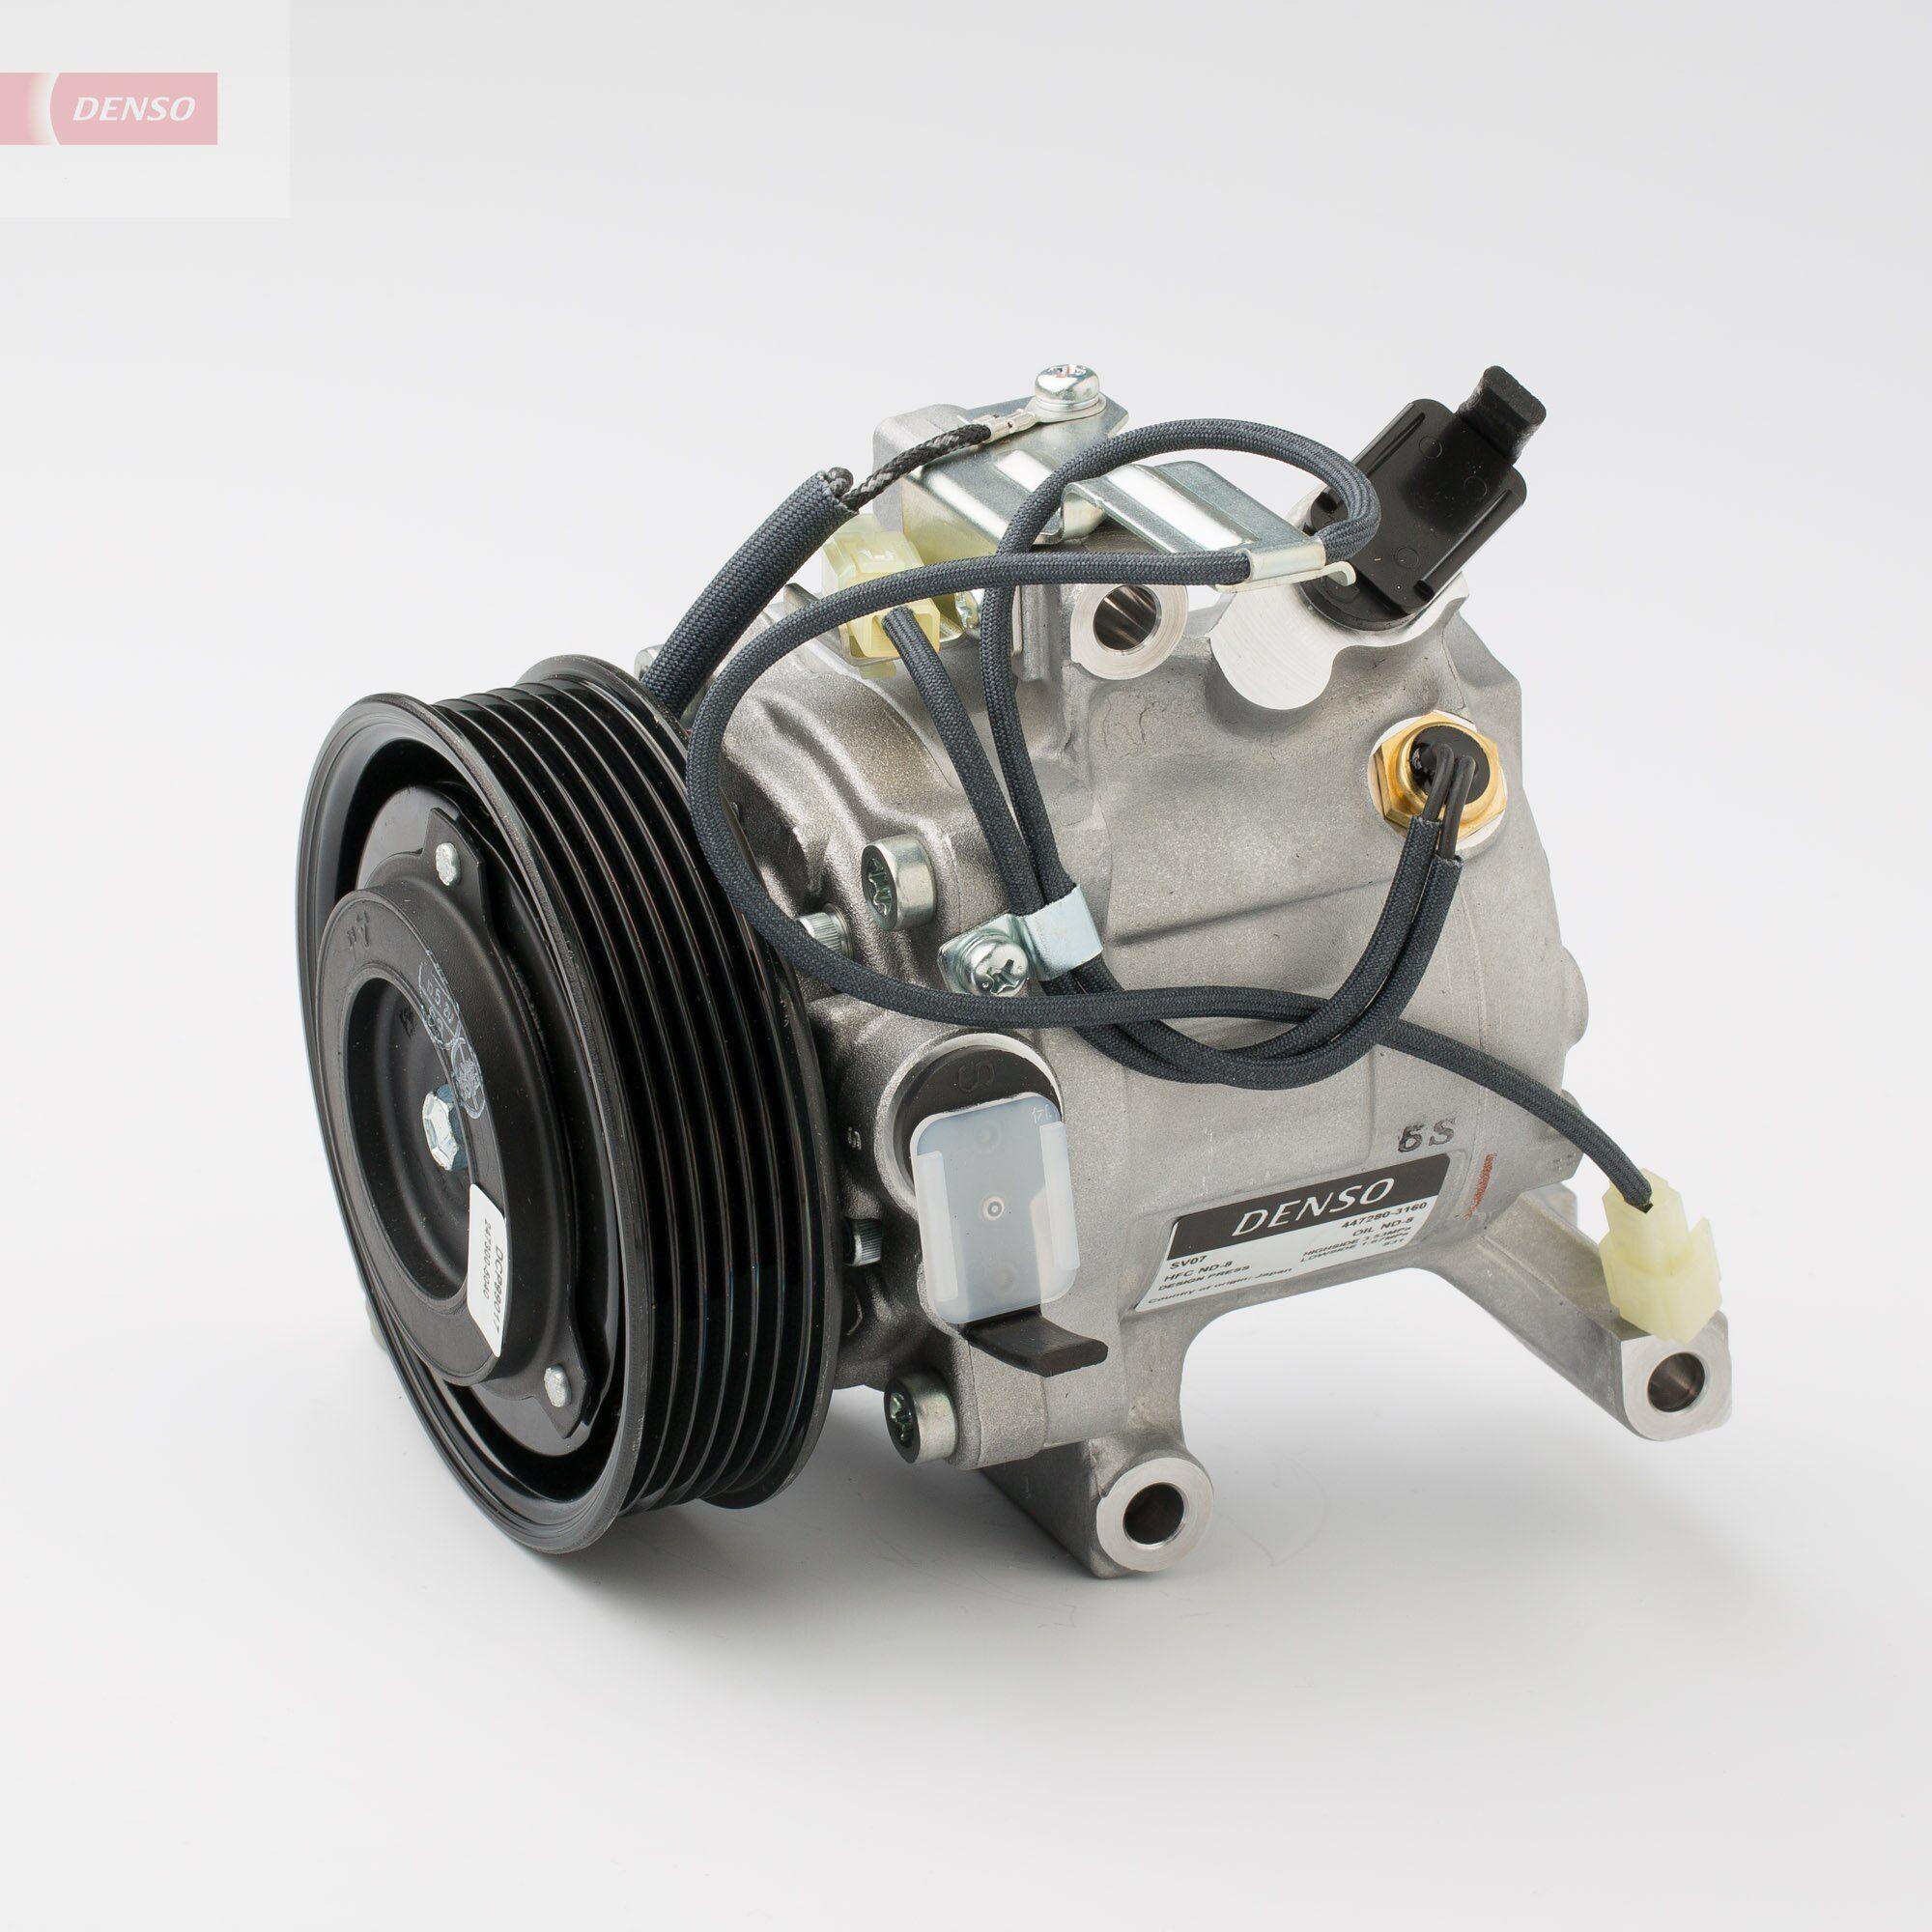 koop Ac compressor DCP99017 op elk moment